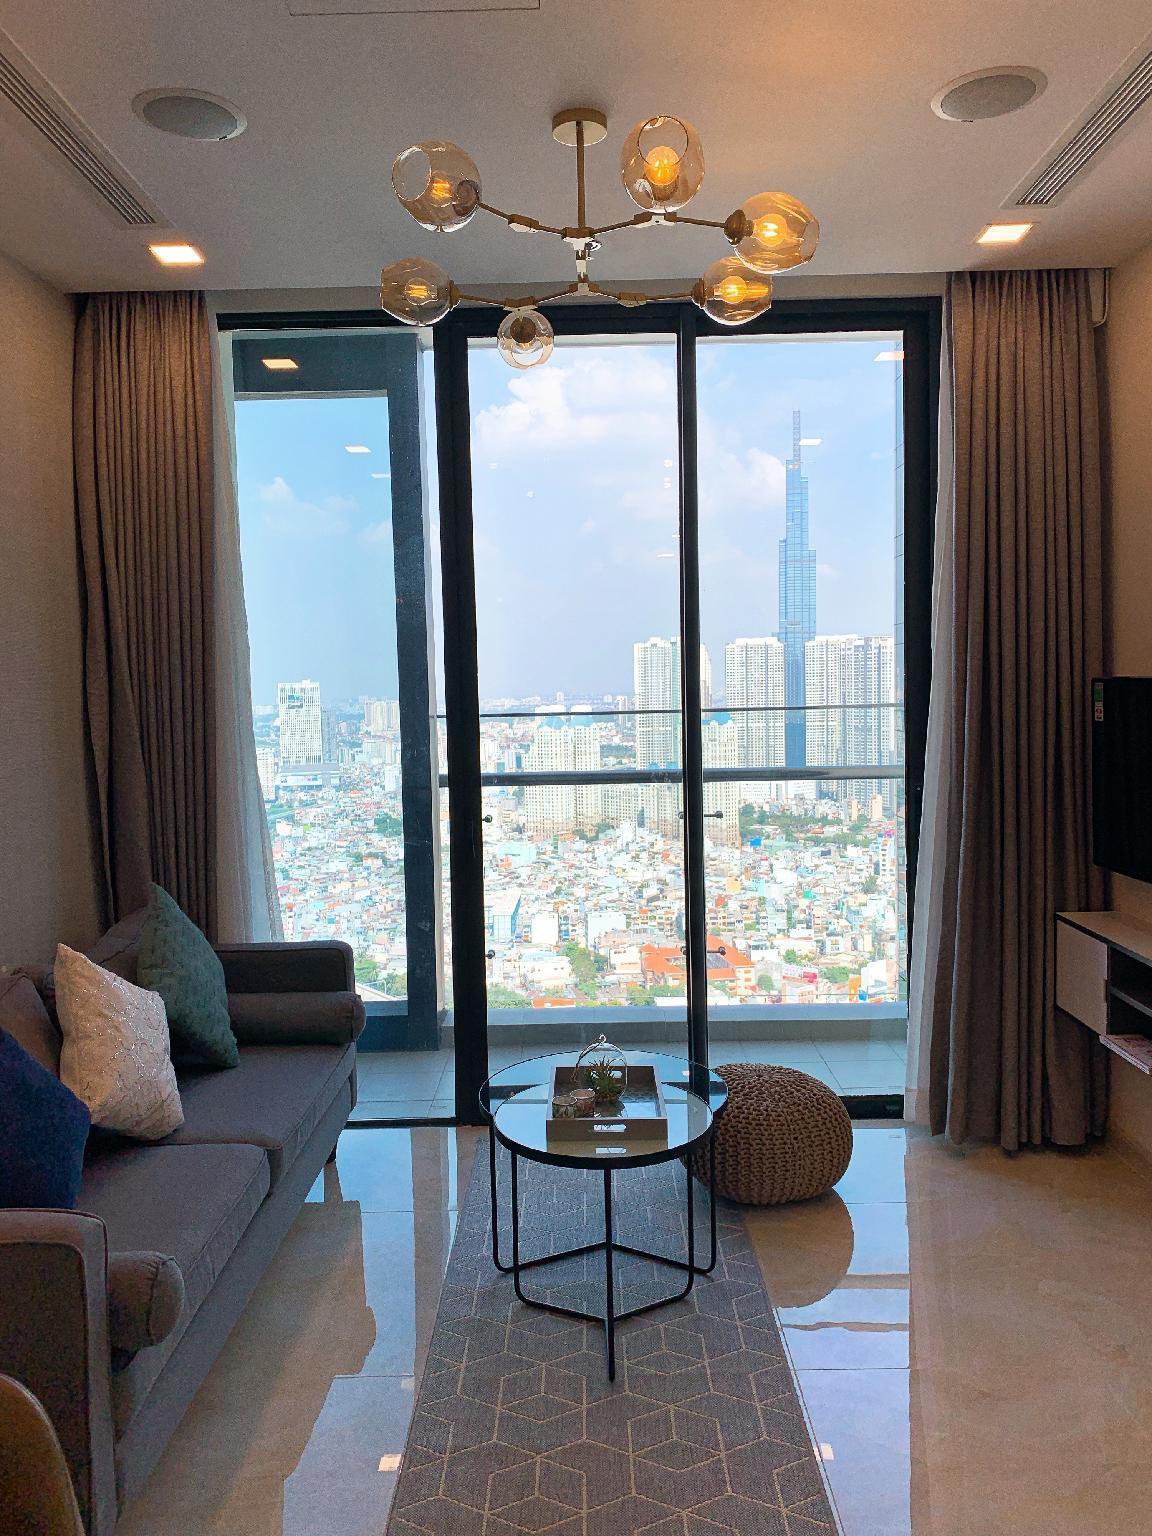 FREE BREAKFAST  The Best City View In Luxury Apt